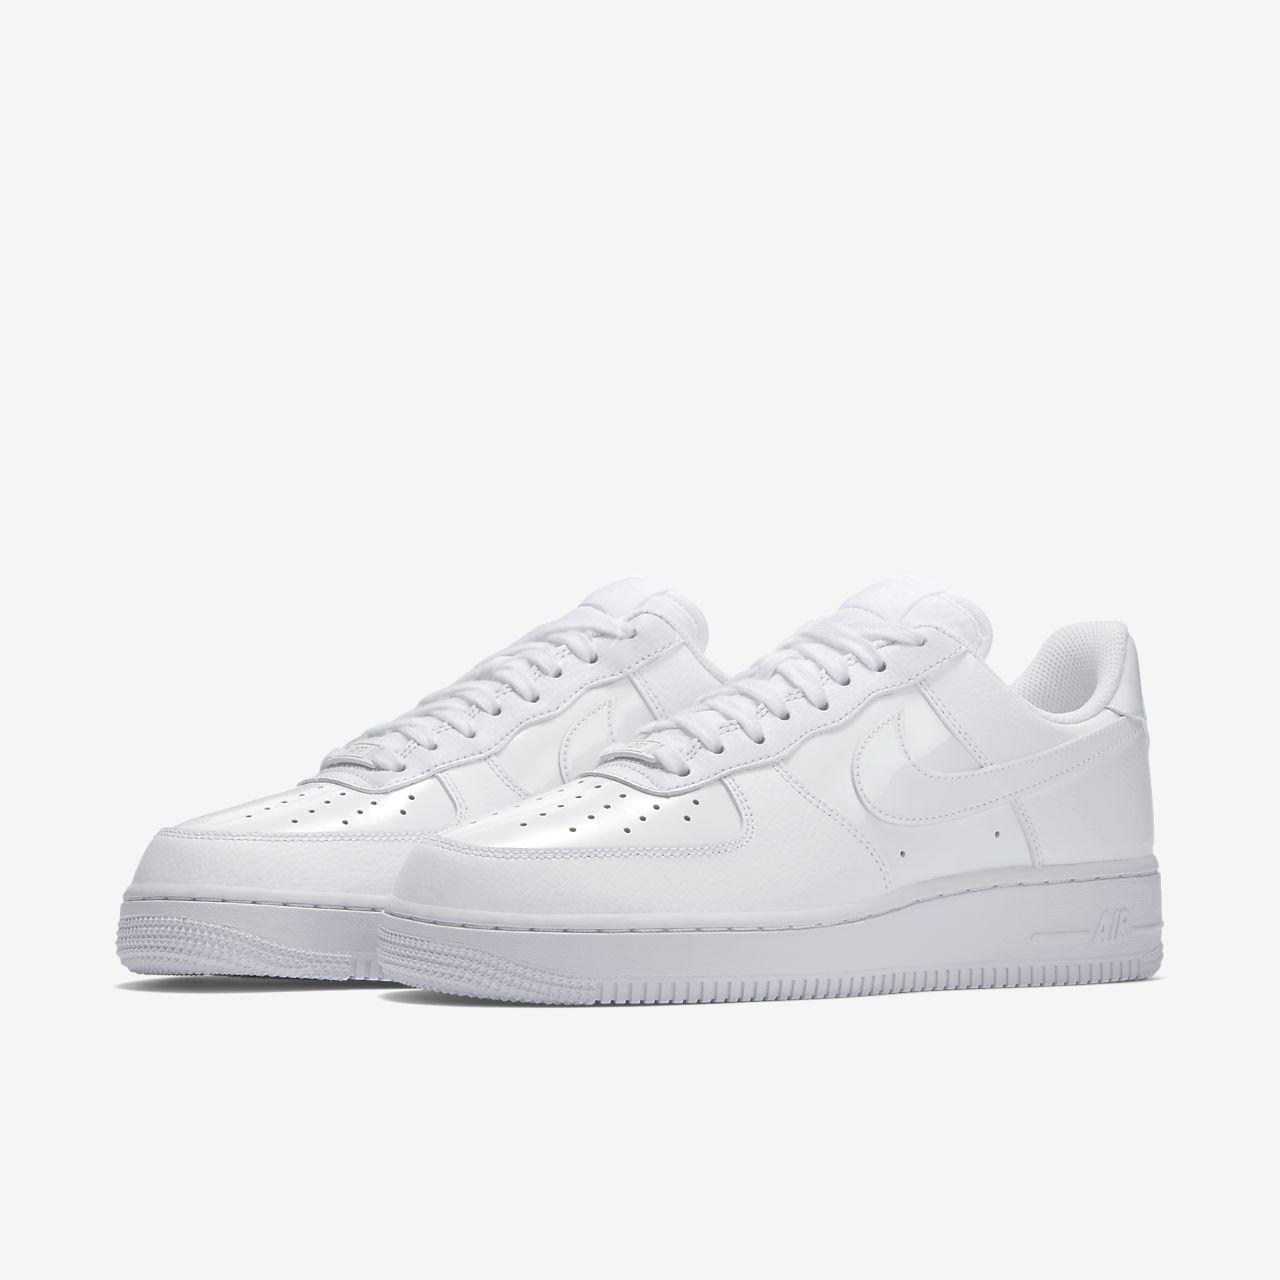 Nike Air Force 1 '07 - Damen Schuhe White Größe 40.5 kpRCJ1U